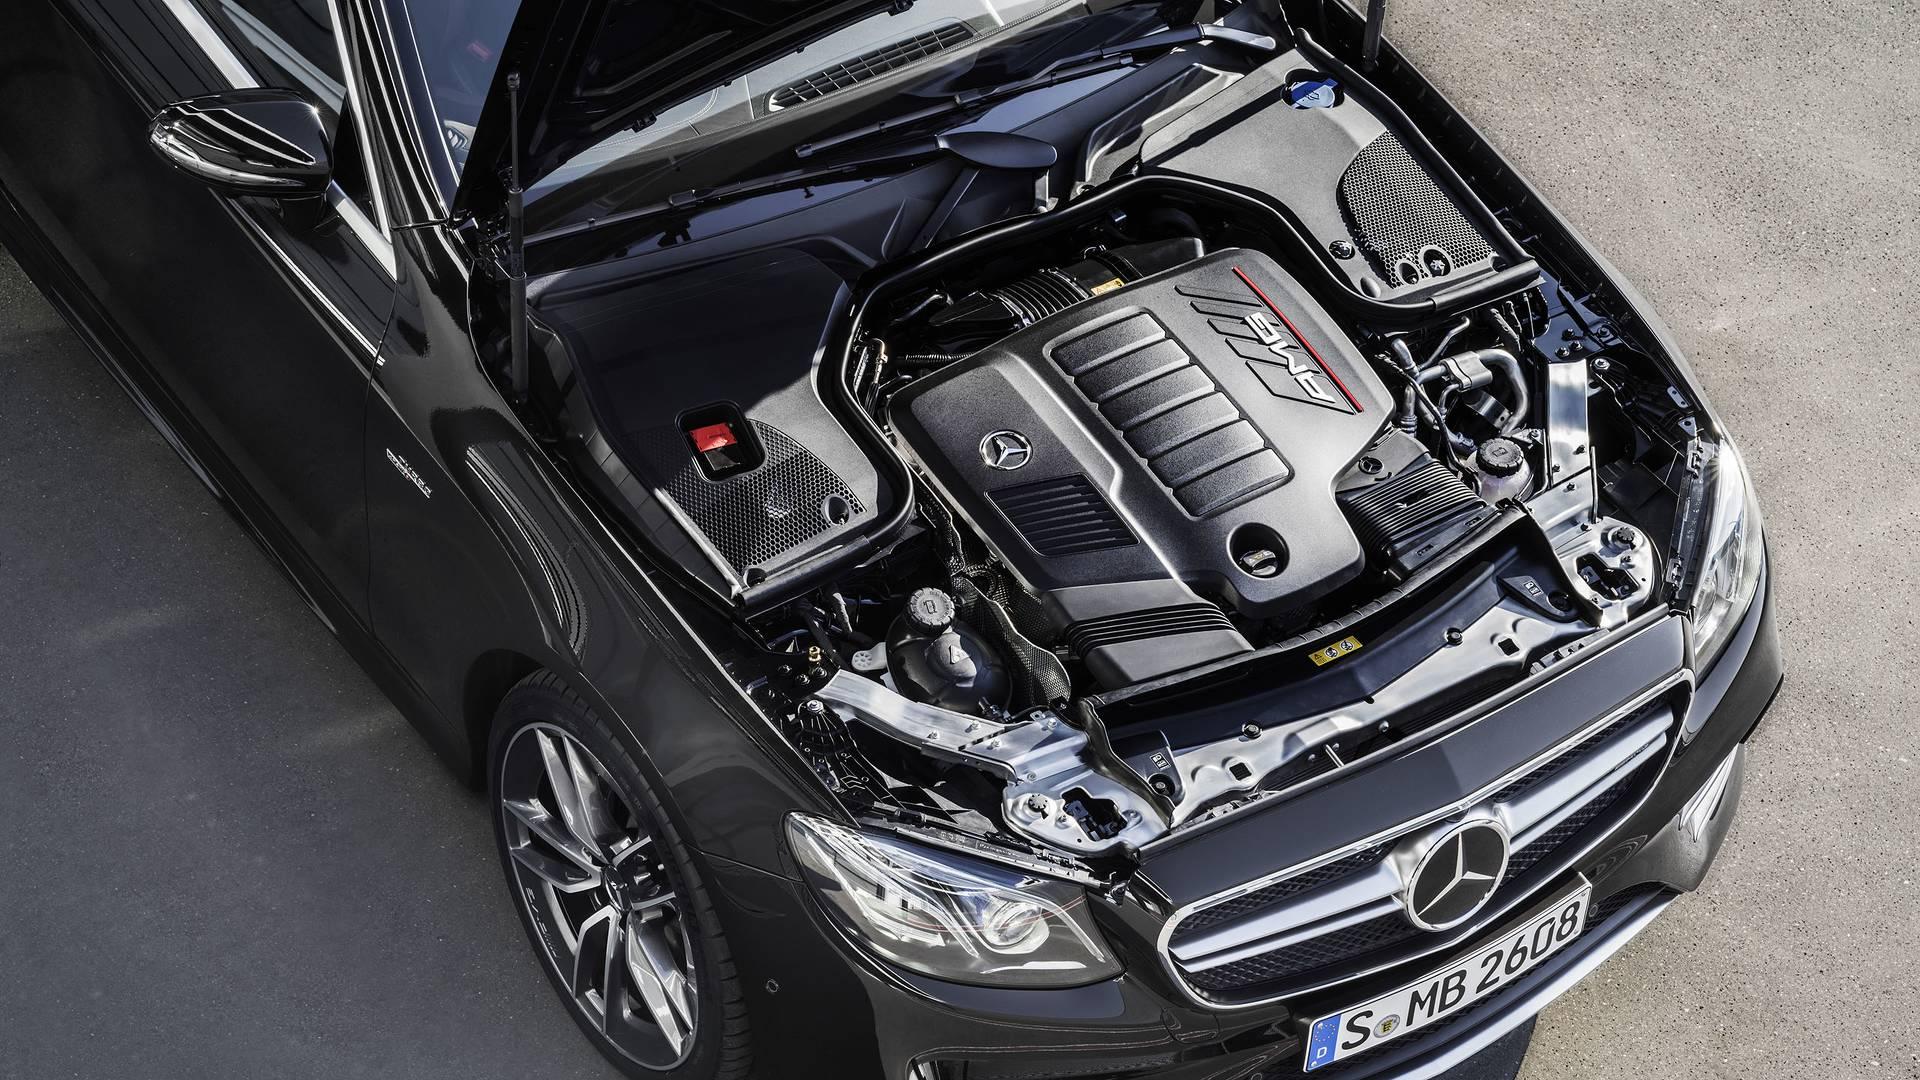 2018 Mercedes-AMG E53 登陆我国,预售价RM 740,000起跳